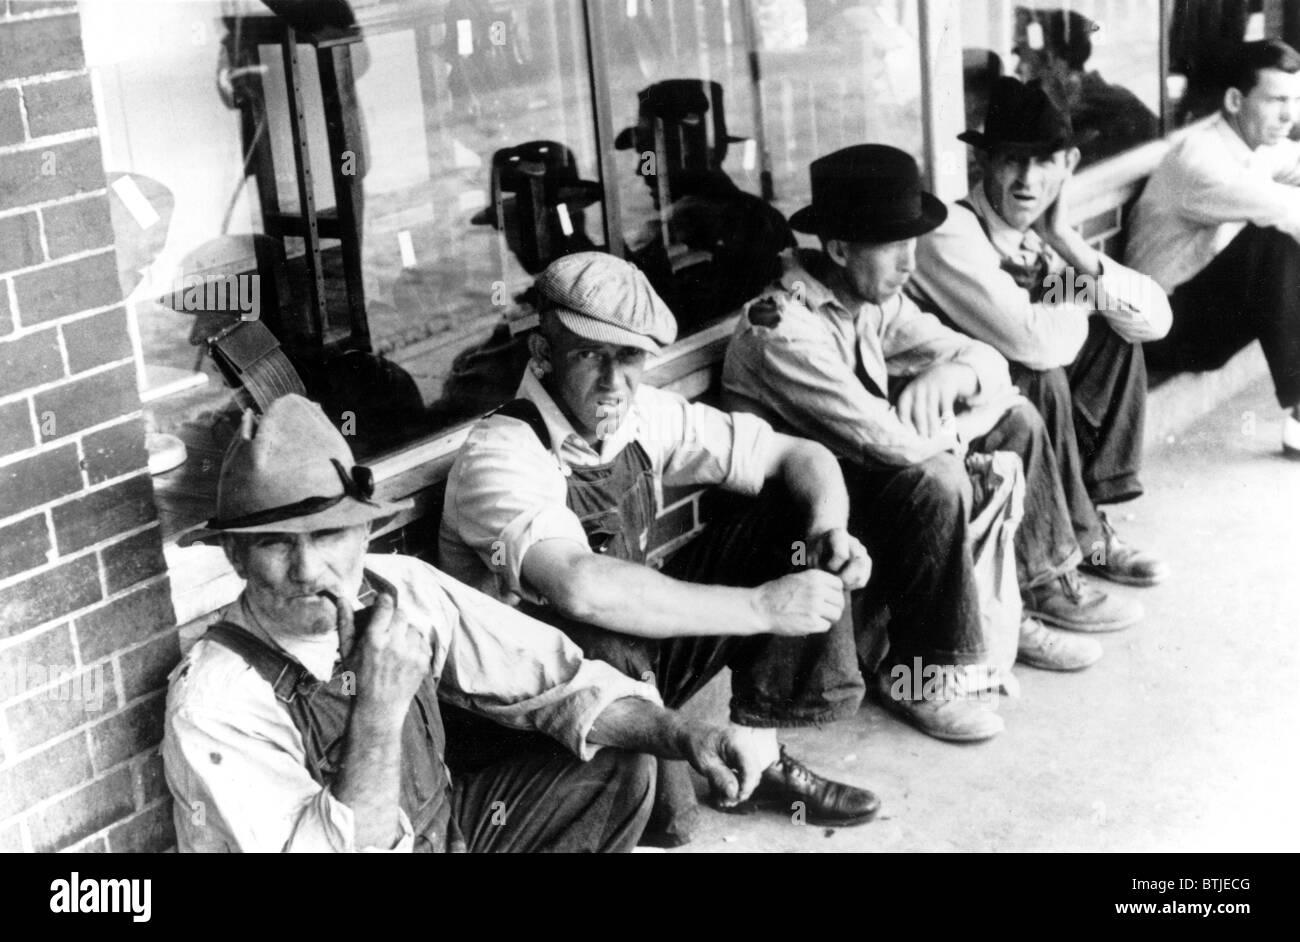 Great Depression, Unemployed Men, 1930's - Stock Image